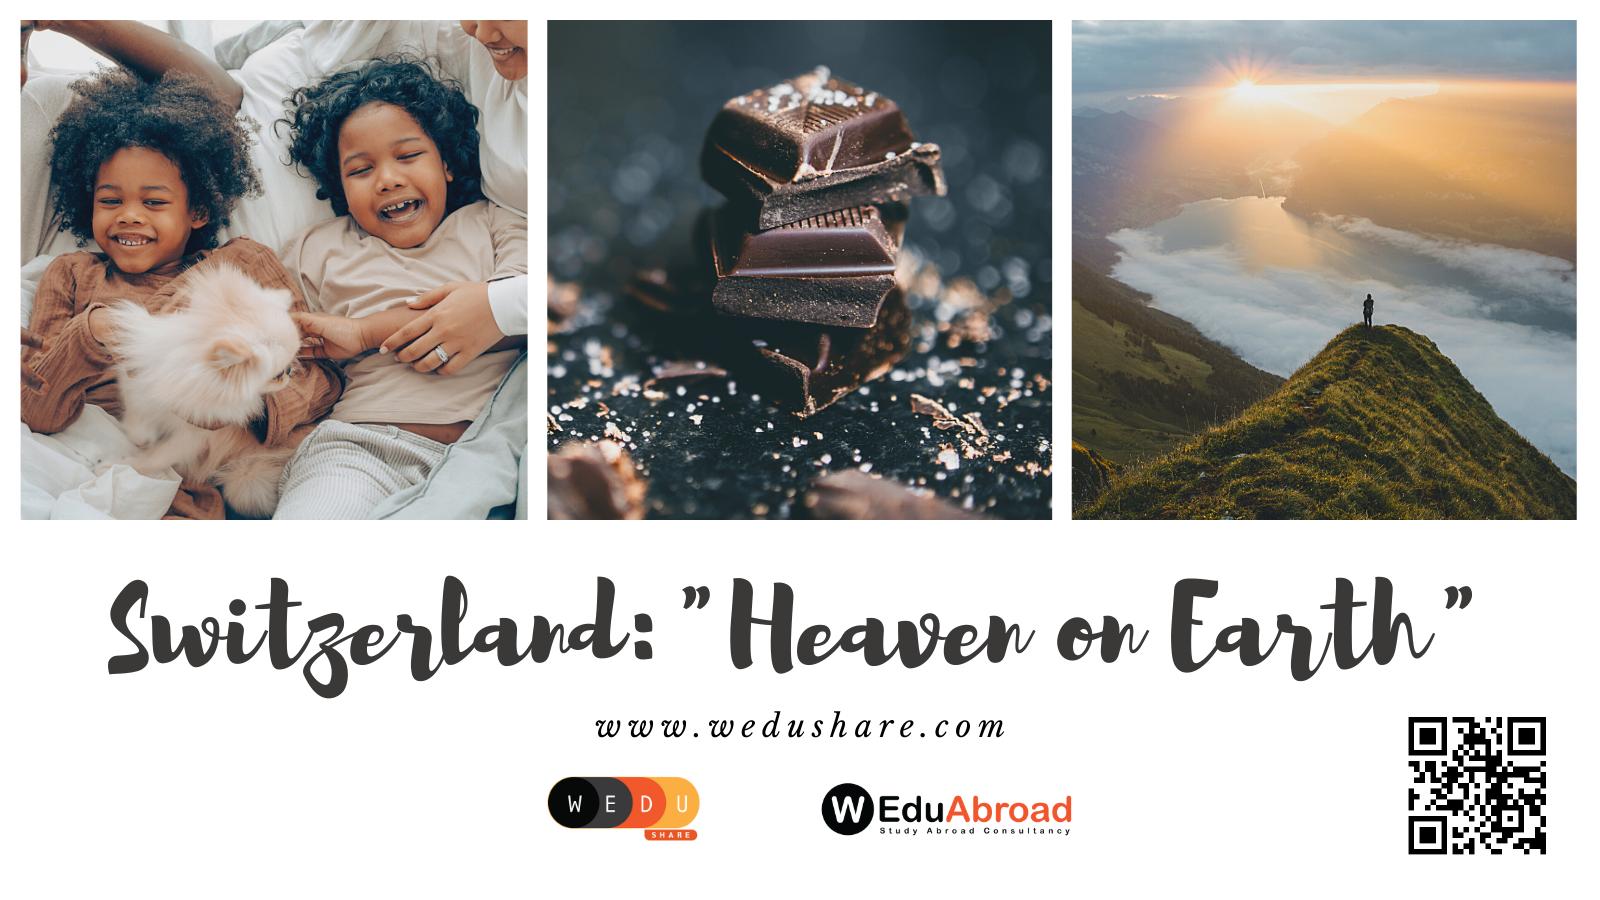 Switzerland: Heaven on Earth?